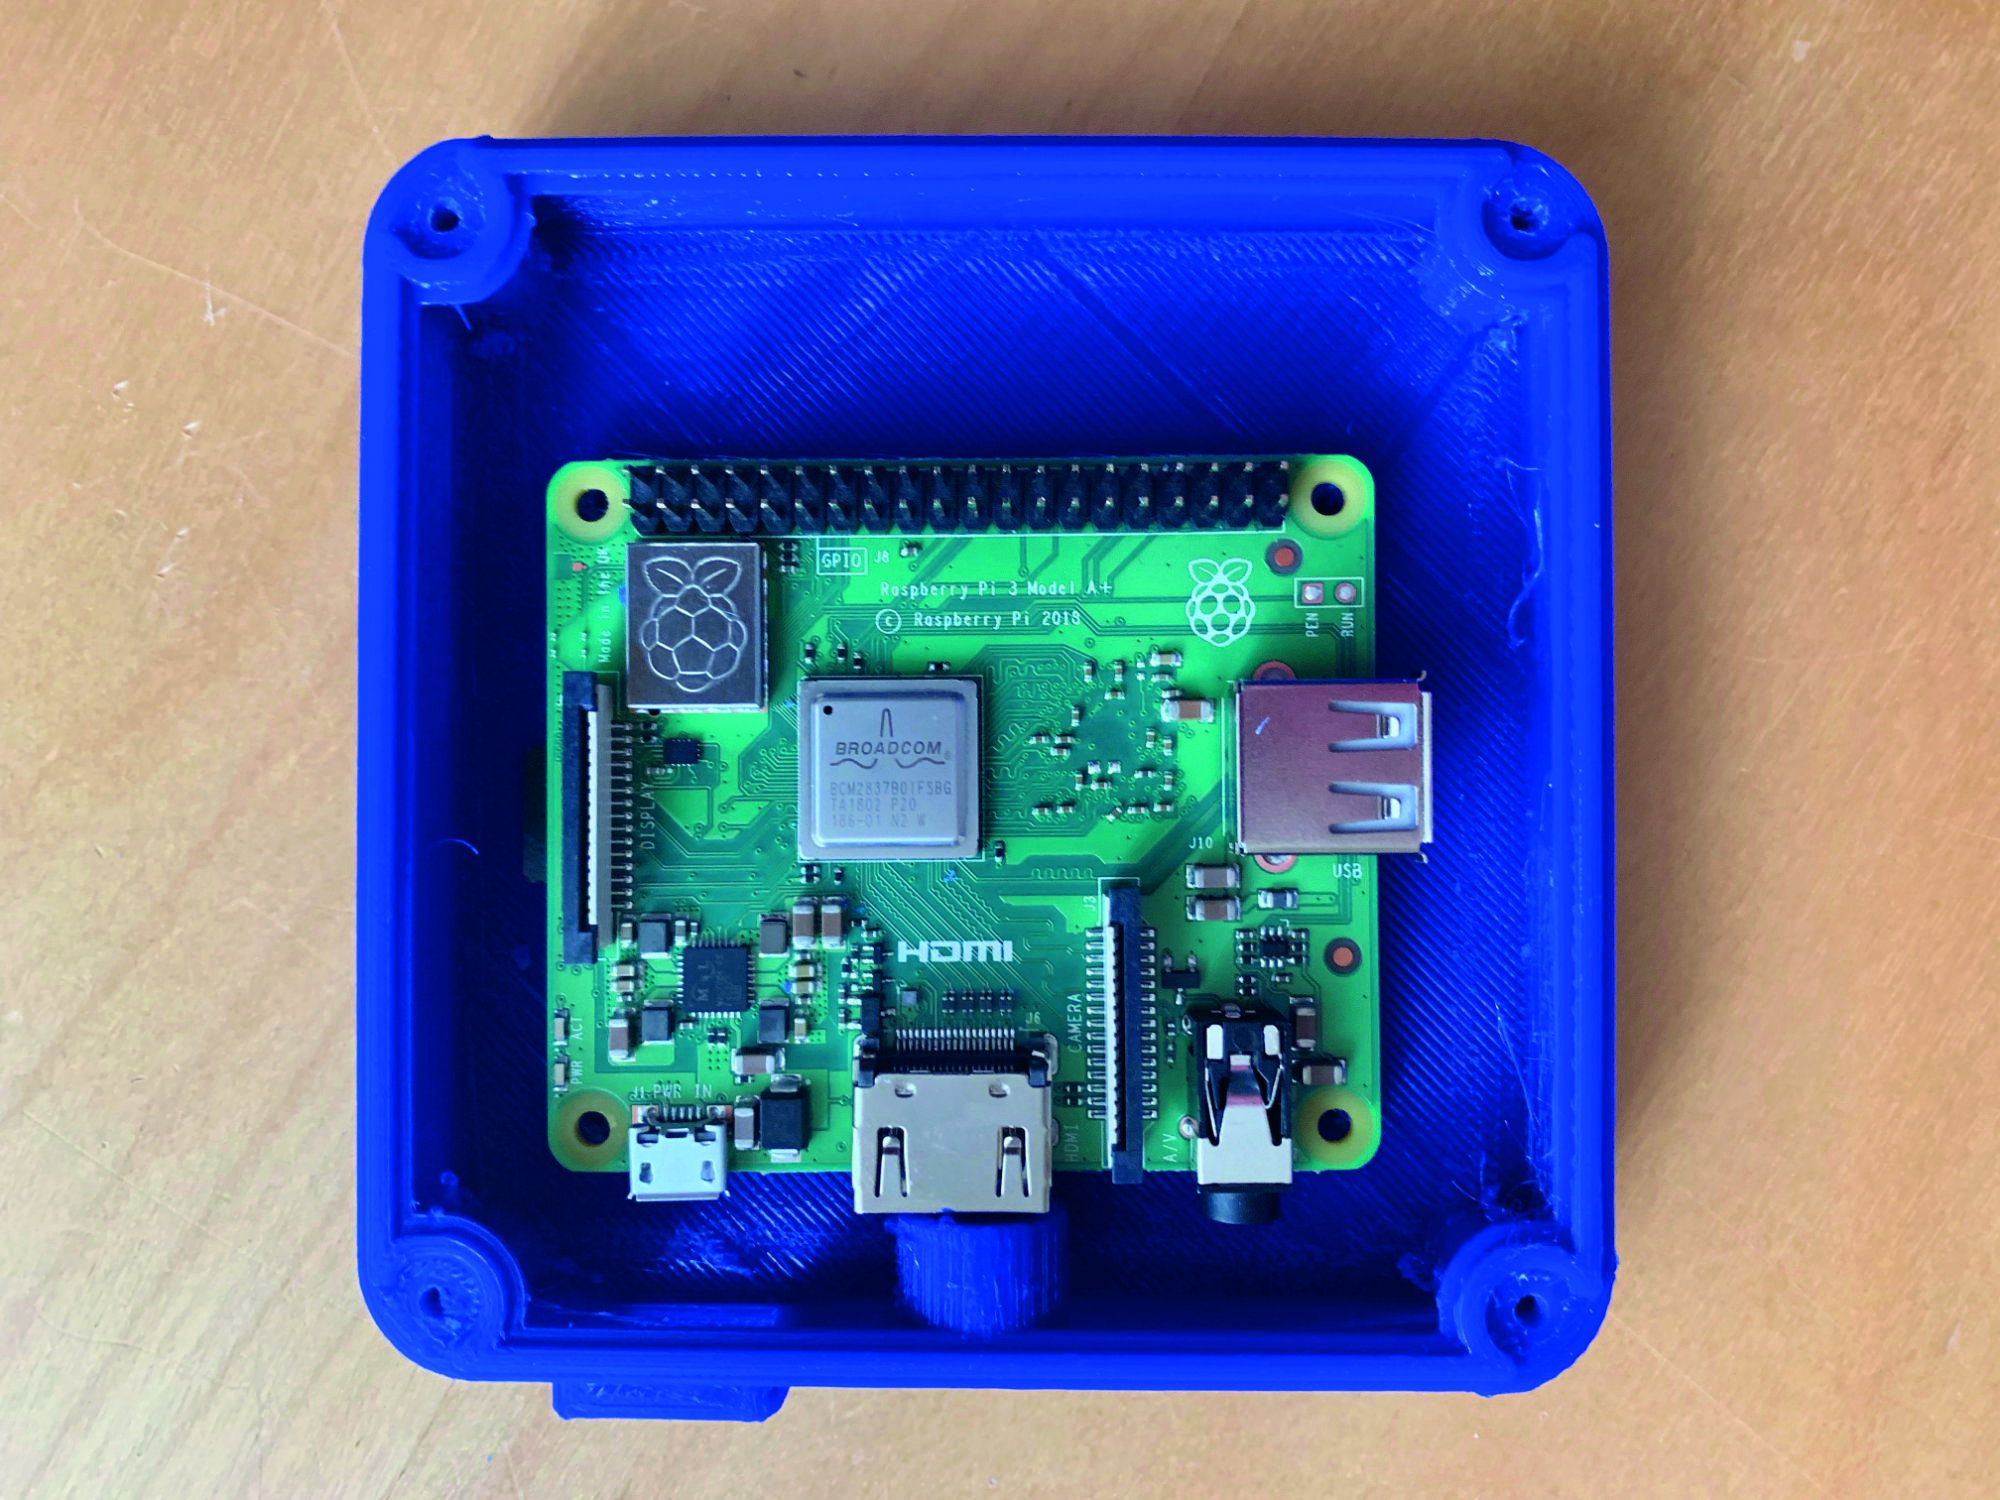 Raspberry Pi inside waterproof case